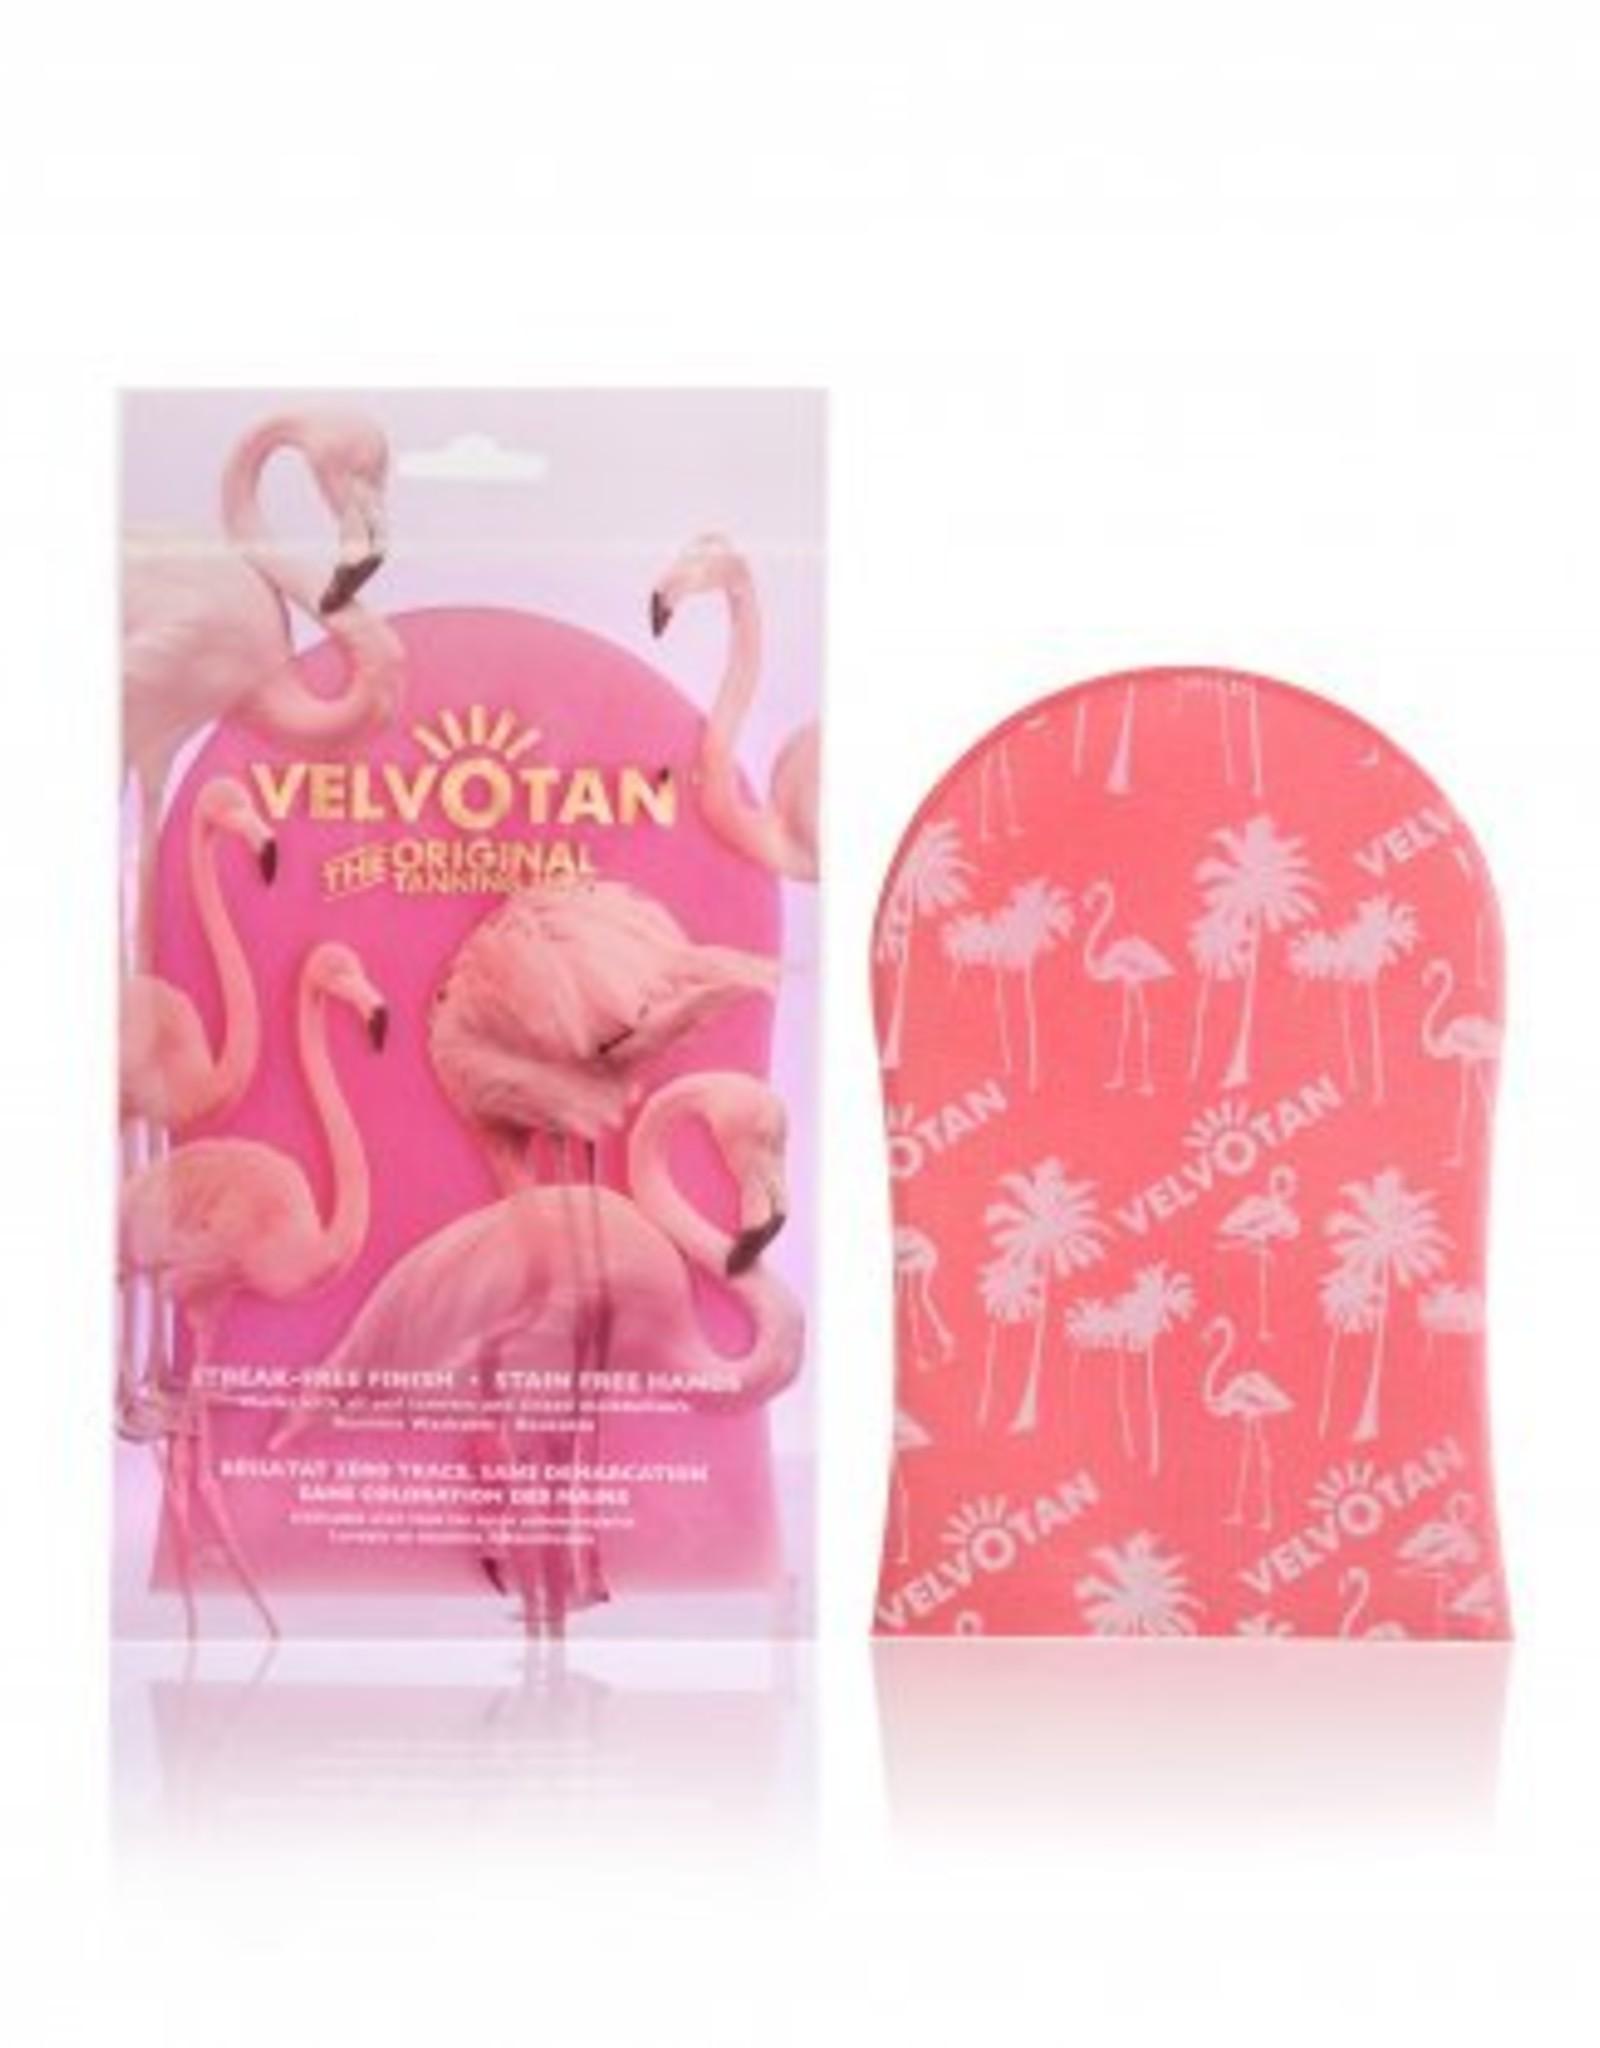 Velvotan™ de originele self tan handschoen